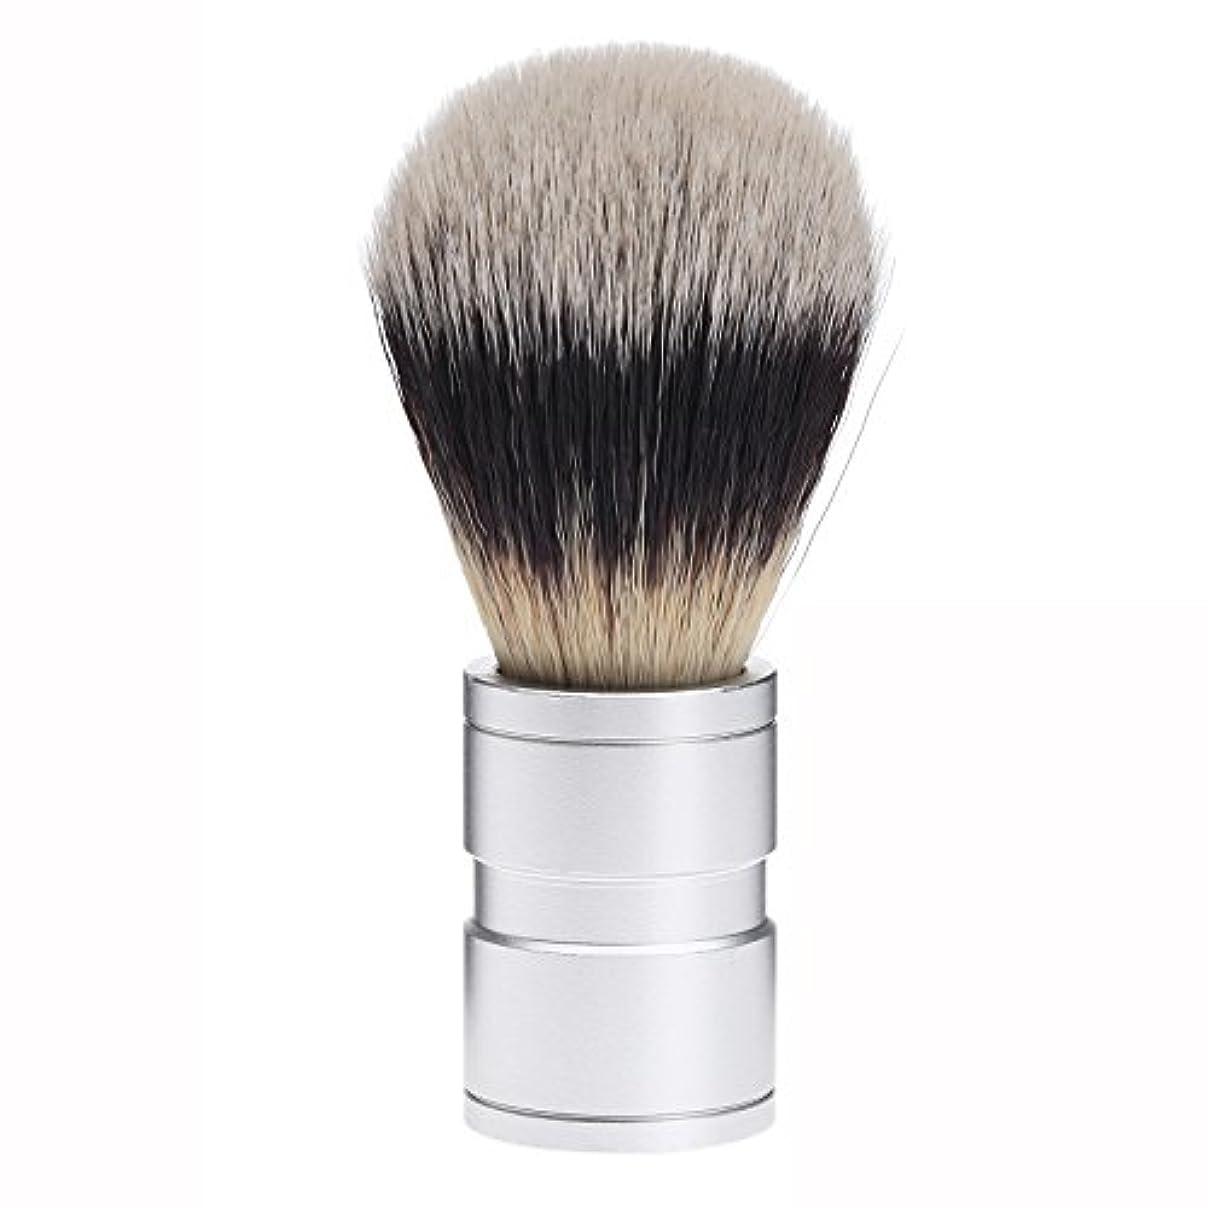 透ける写真撮影重大Dophee  シェービング用ブラシ シェービングブラシ メンズ 洗顔ブラシ イミテーションアナグマ毛 ファイン模倣 理容 洗顔 髭剃り